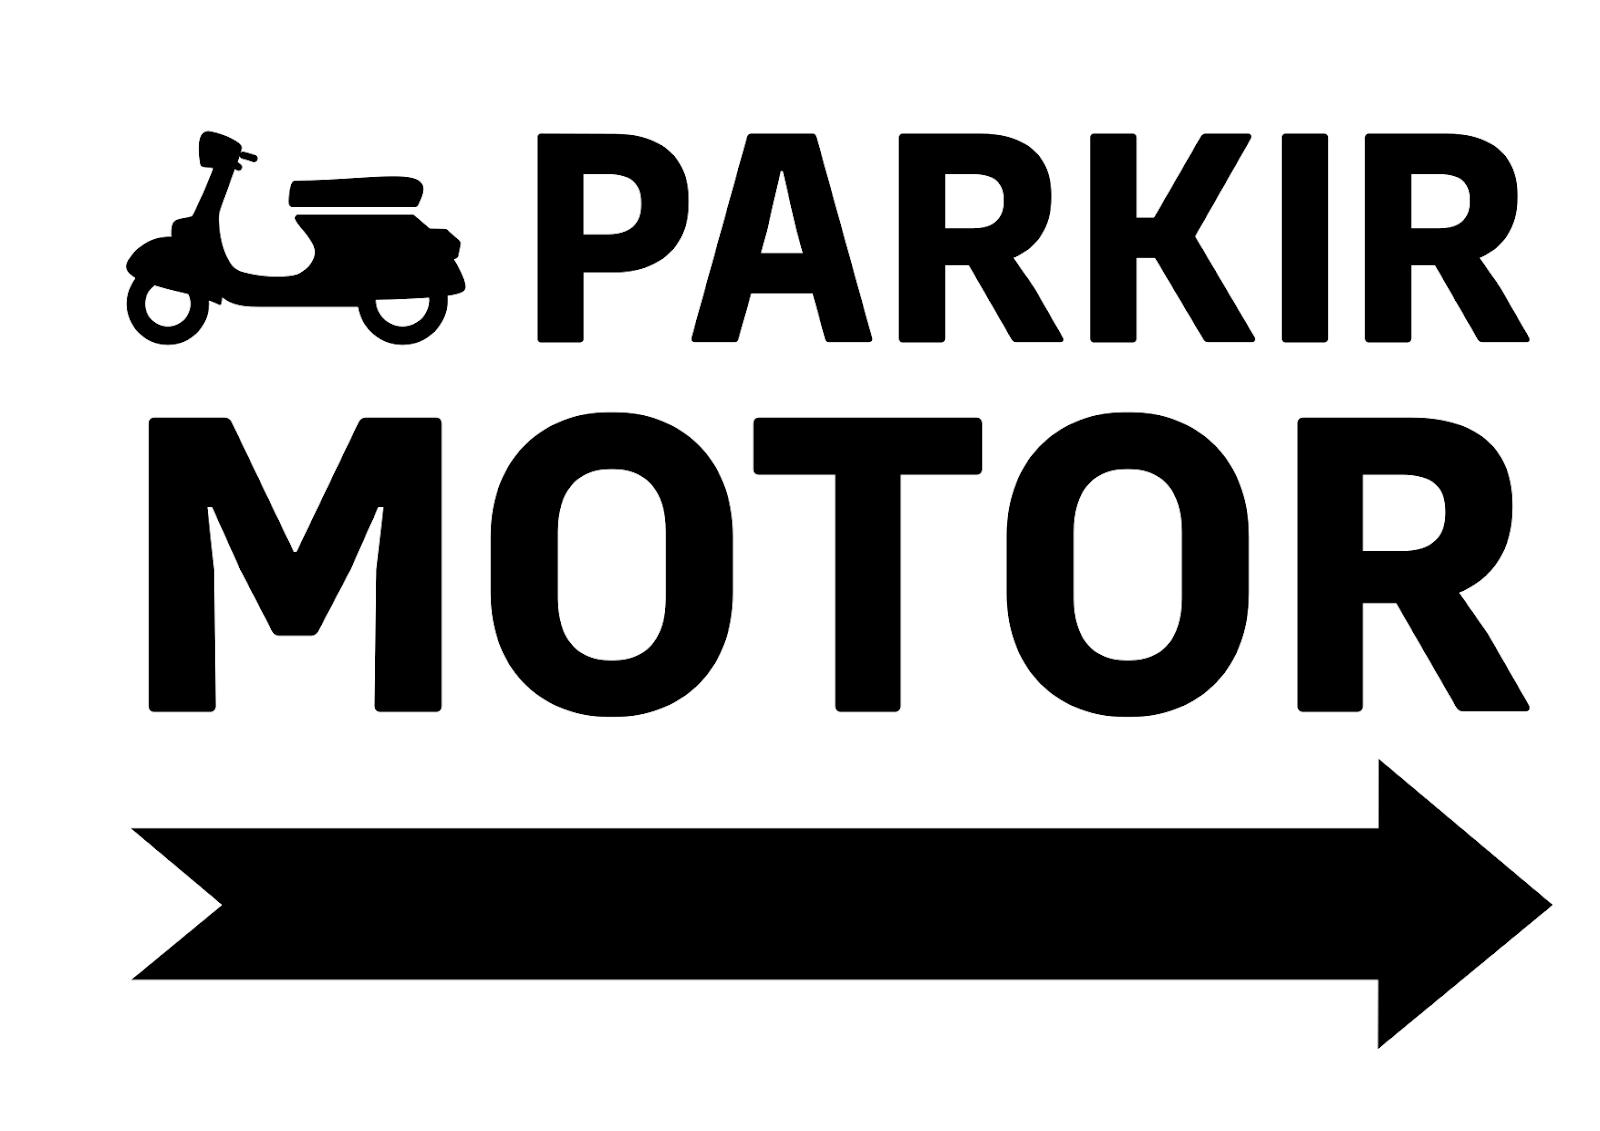 Terbaru 24+ Tanda Parkir Motor, Gambar Rambu Rambu